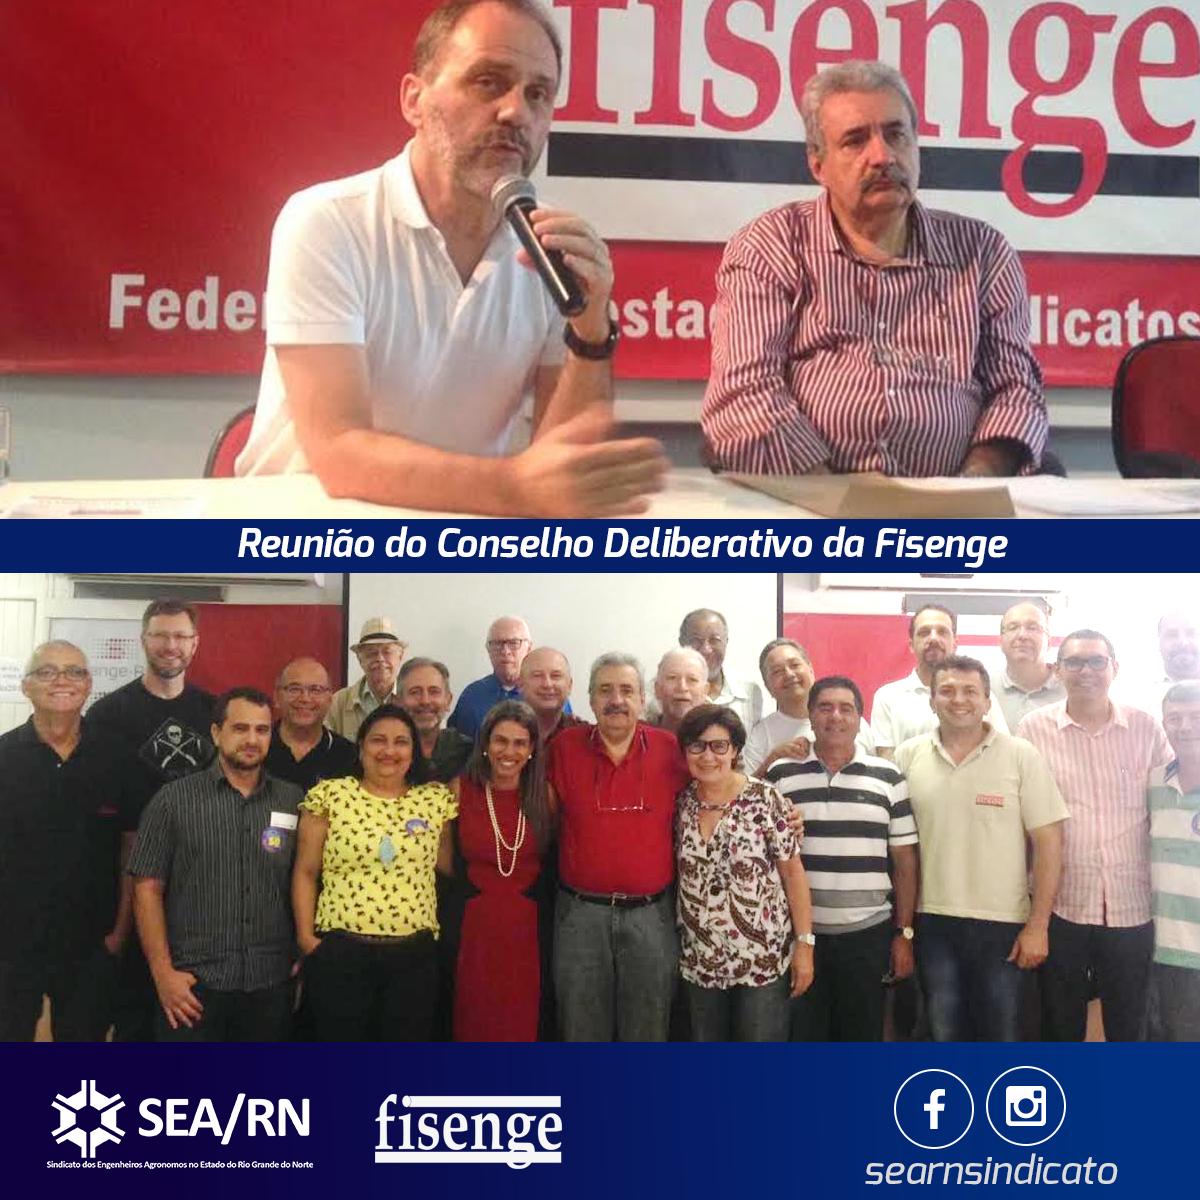 Participação do SEARN na reunião do Conselho Deliberativo da Fisenge!